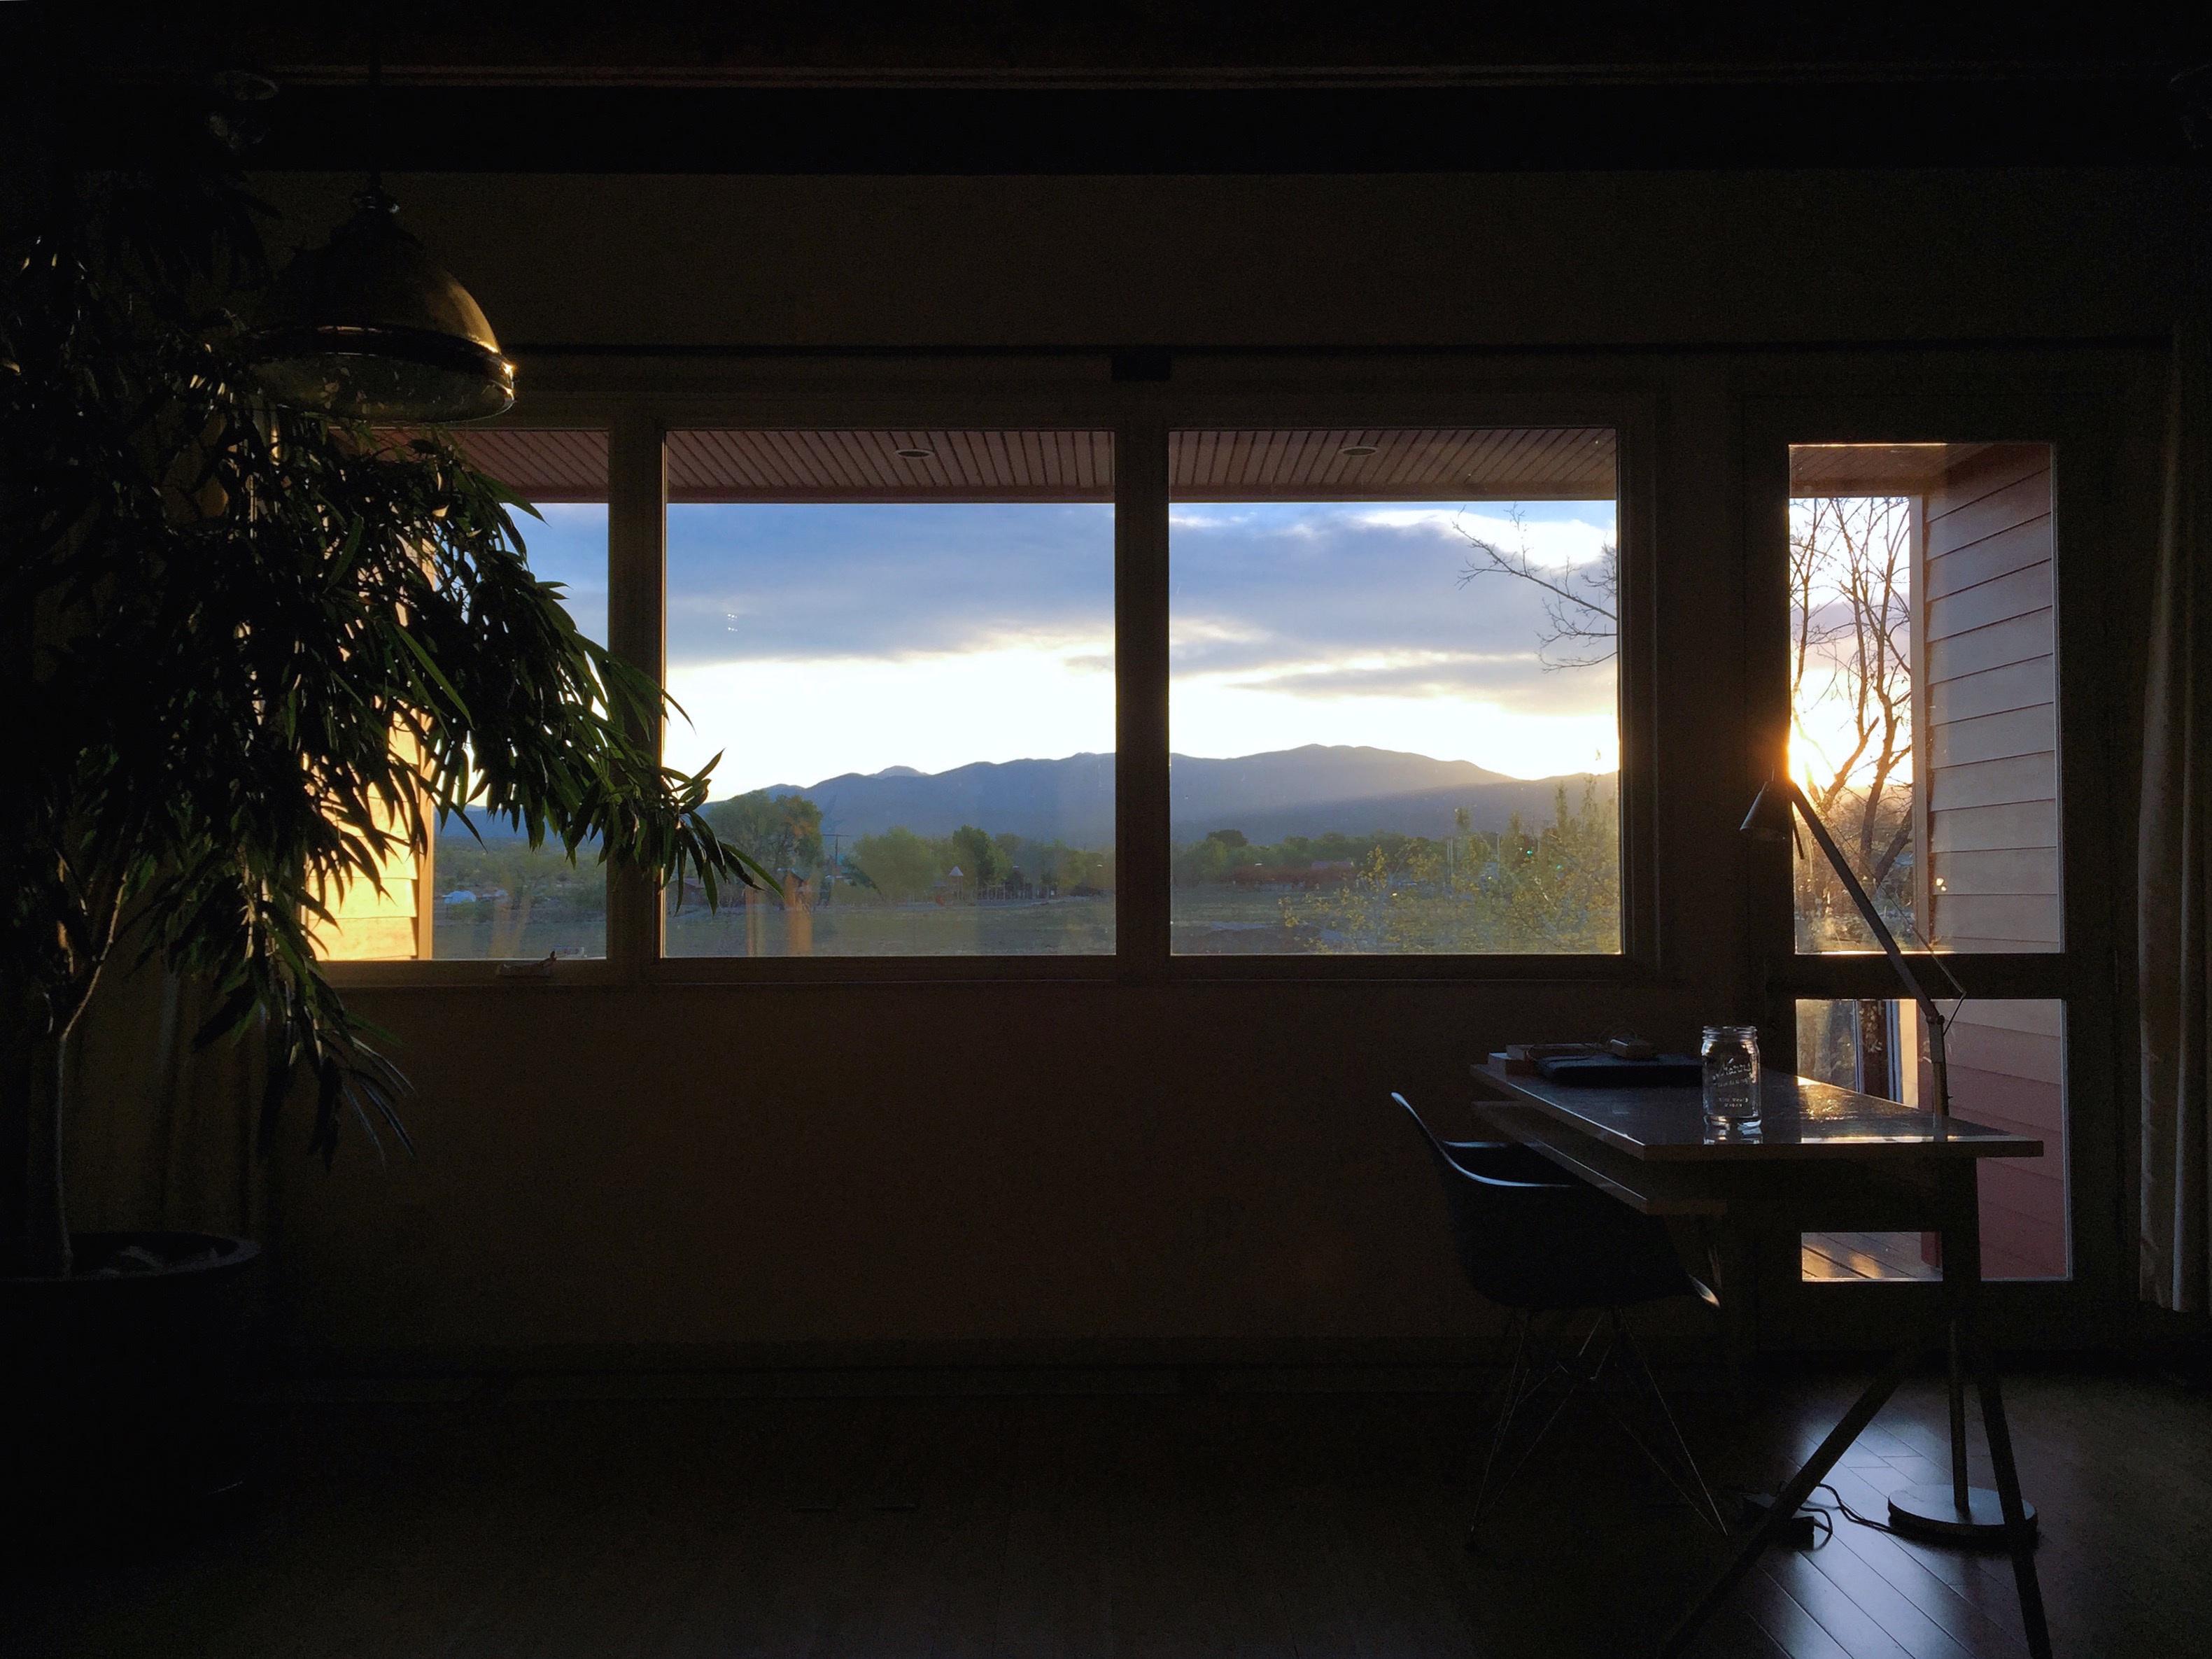 Eclairage interieur maison maison moderne for Eclairage interieur